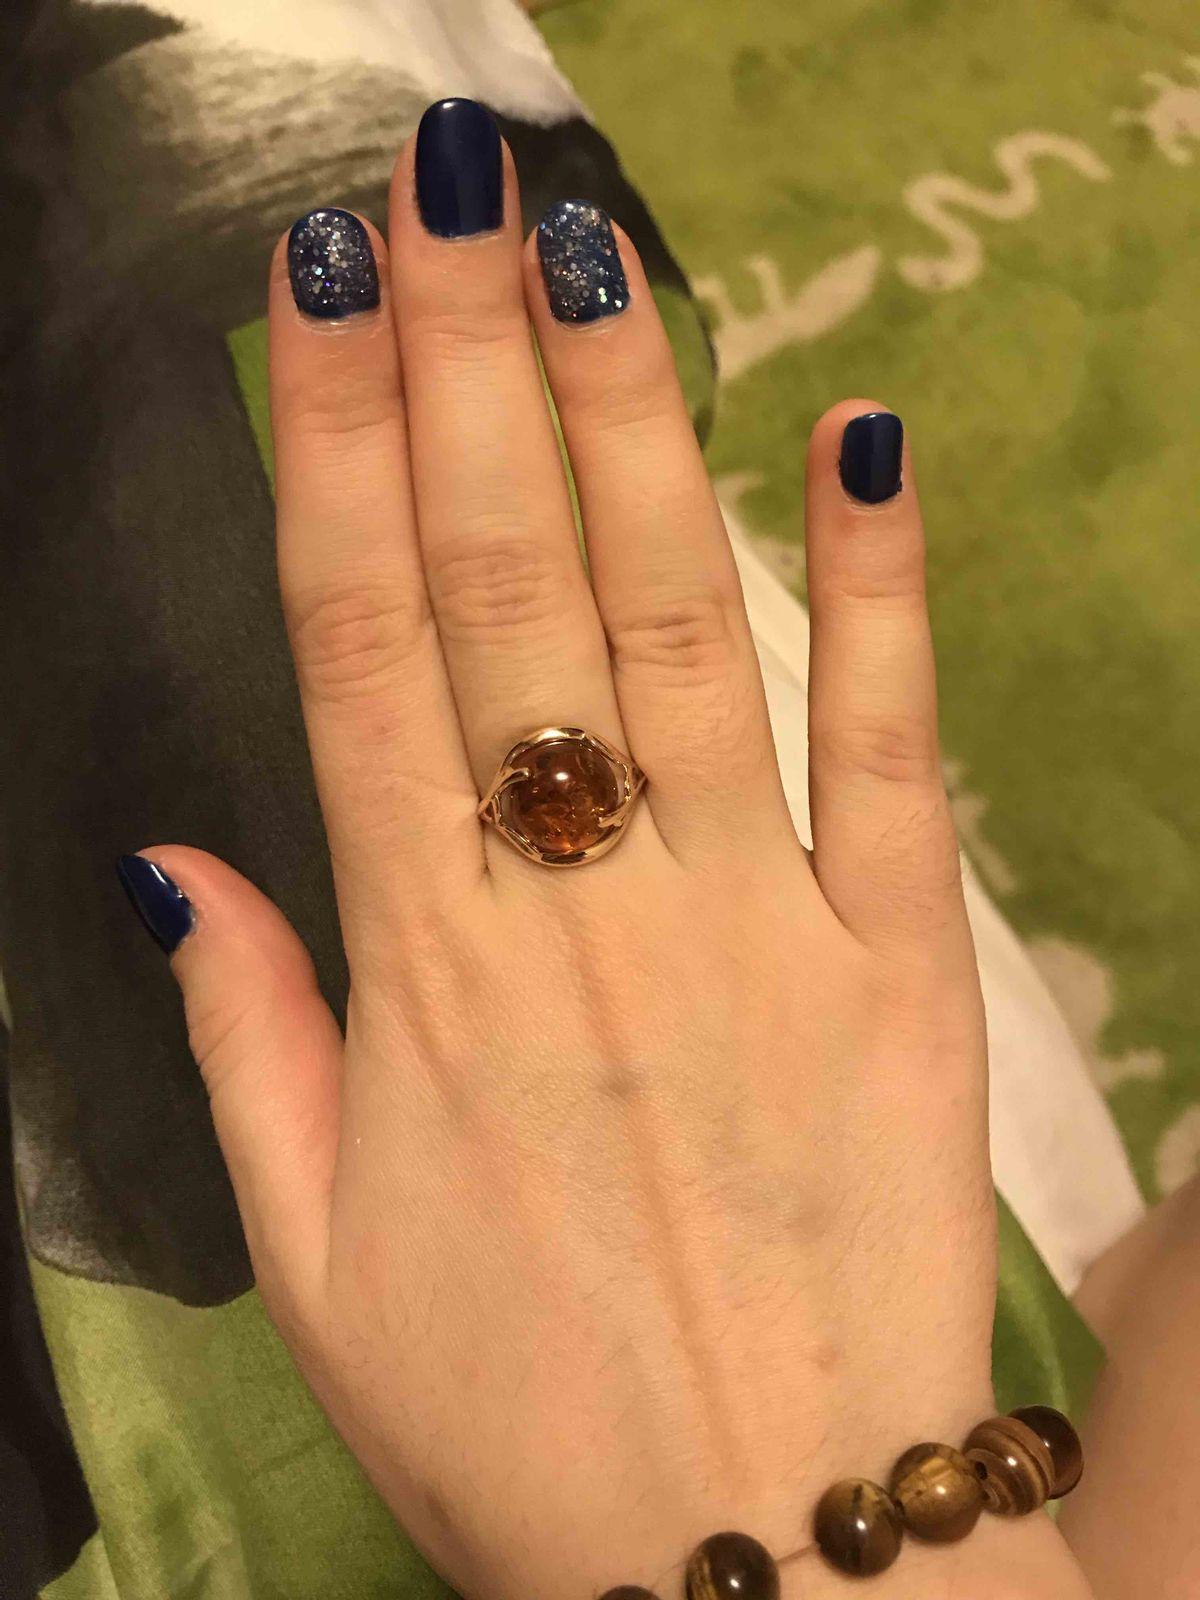 Кольцо из янтаря превзошло все ожидания